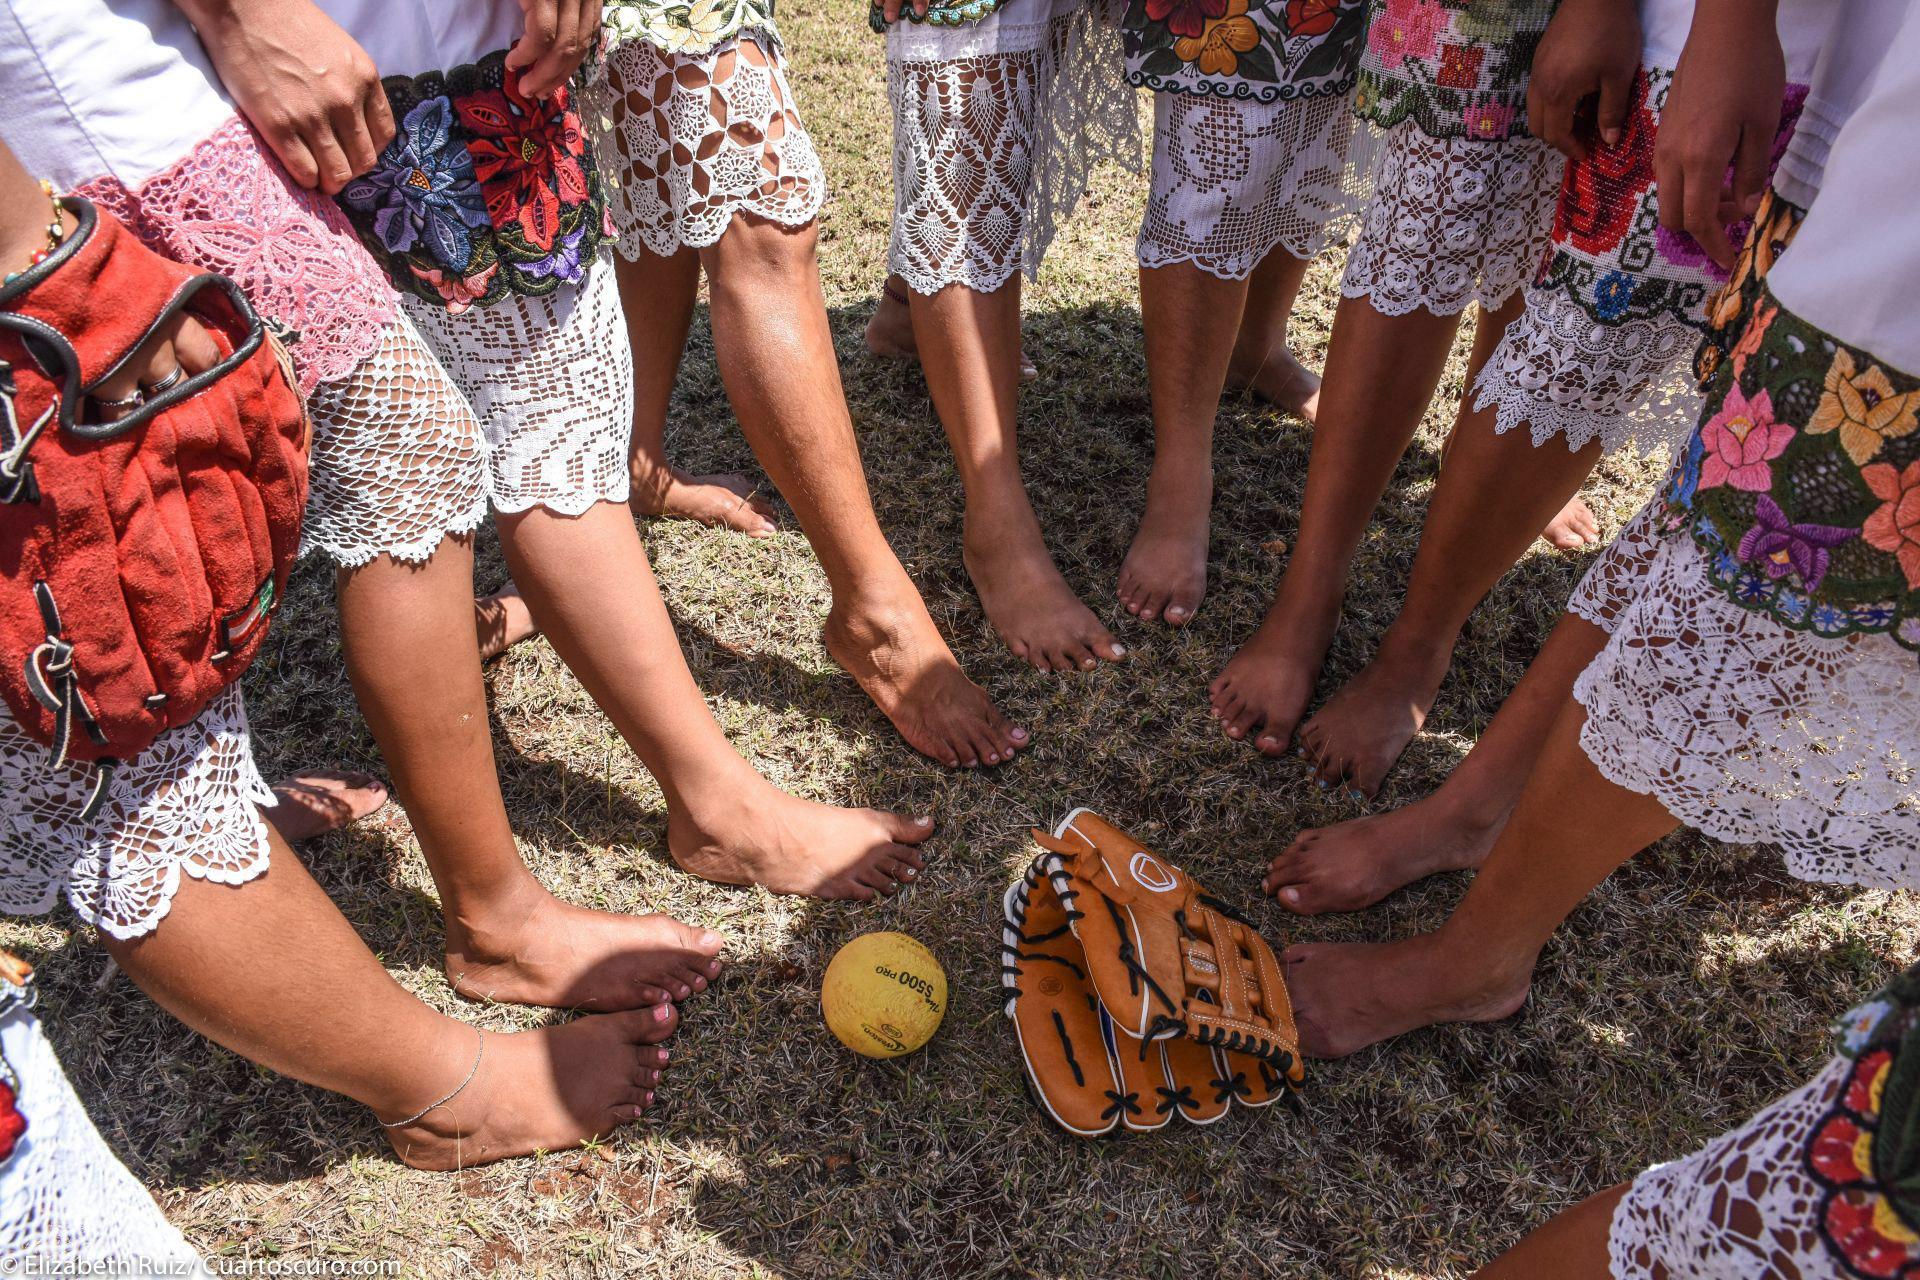 En una pequeña localidad, bajo los rayos del inclemente sol del Caribe y con un entusiasmo que contagia, un grupo de mujeres apasionadas por el softball creó un equipo denominado Las Diablillas Mestizas de Hondzonot para romper estigmas a través del de